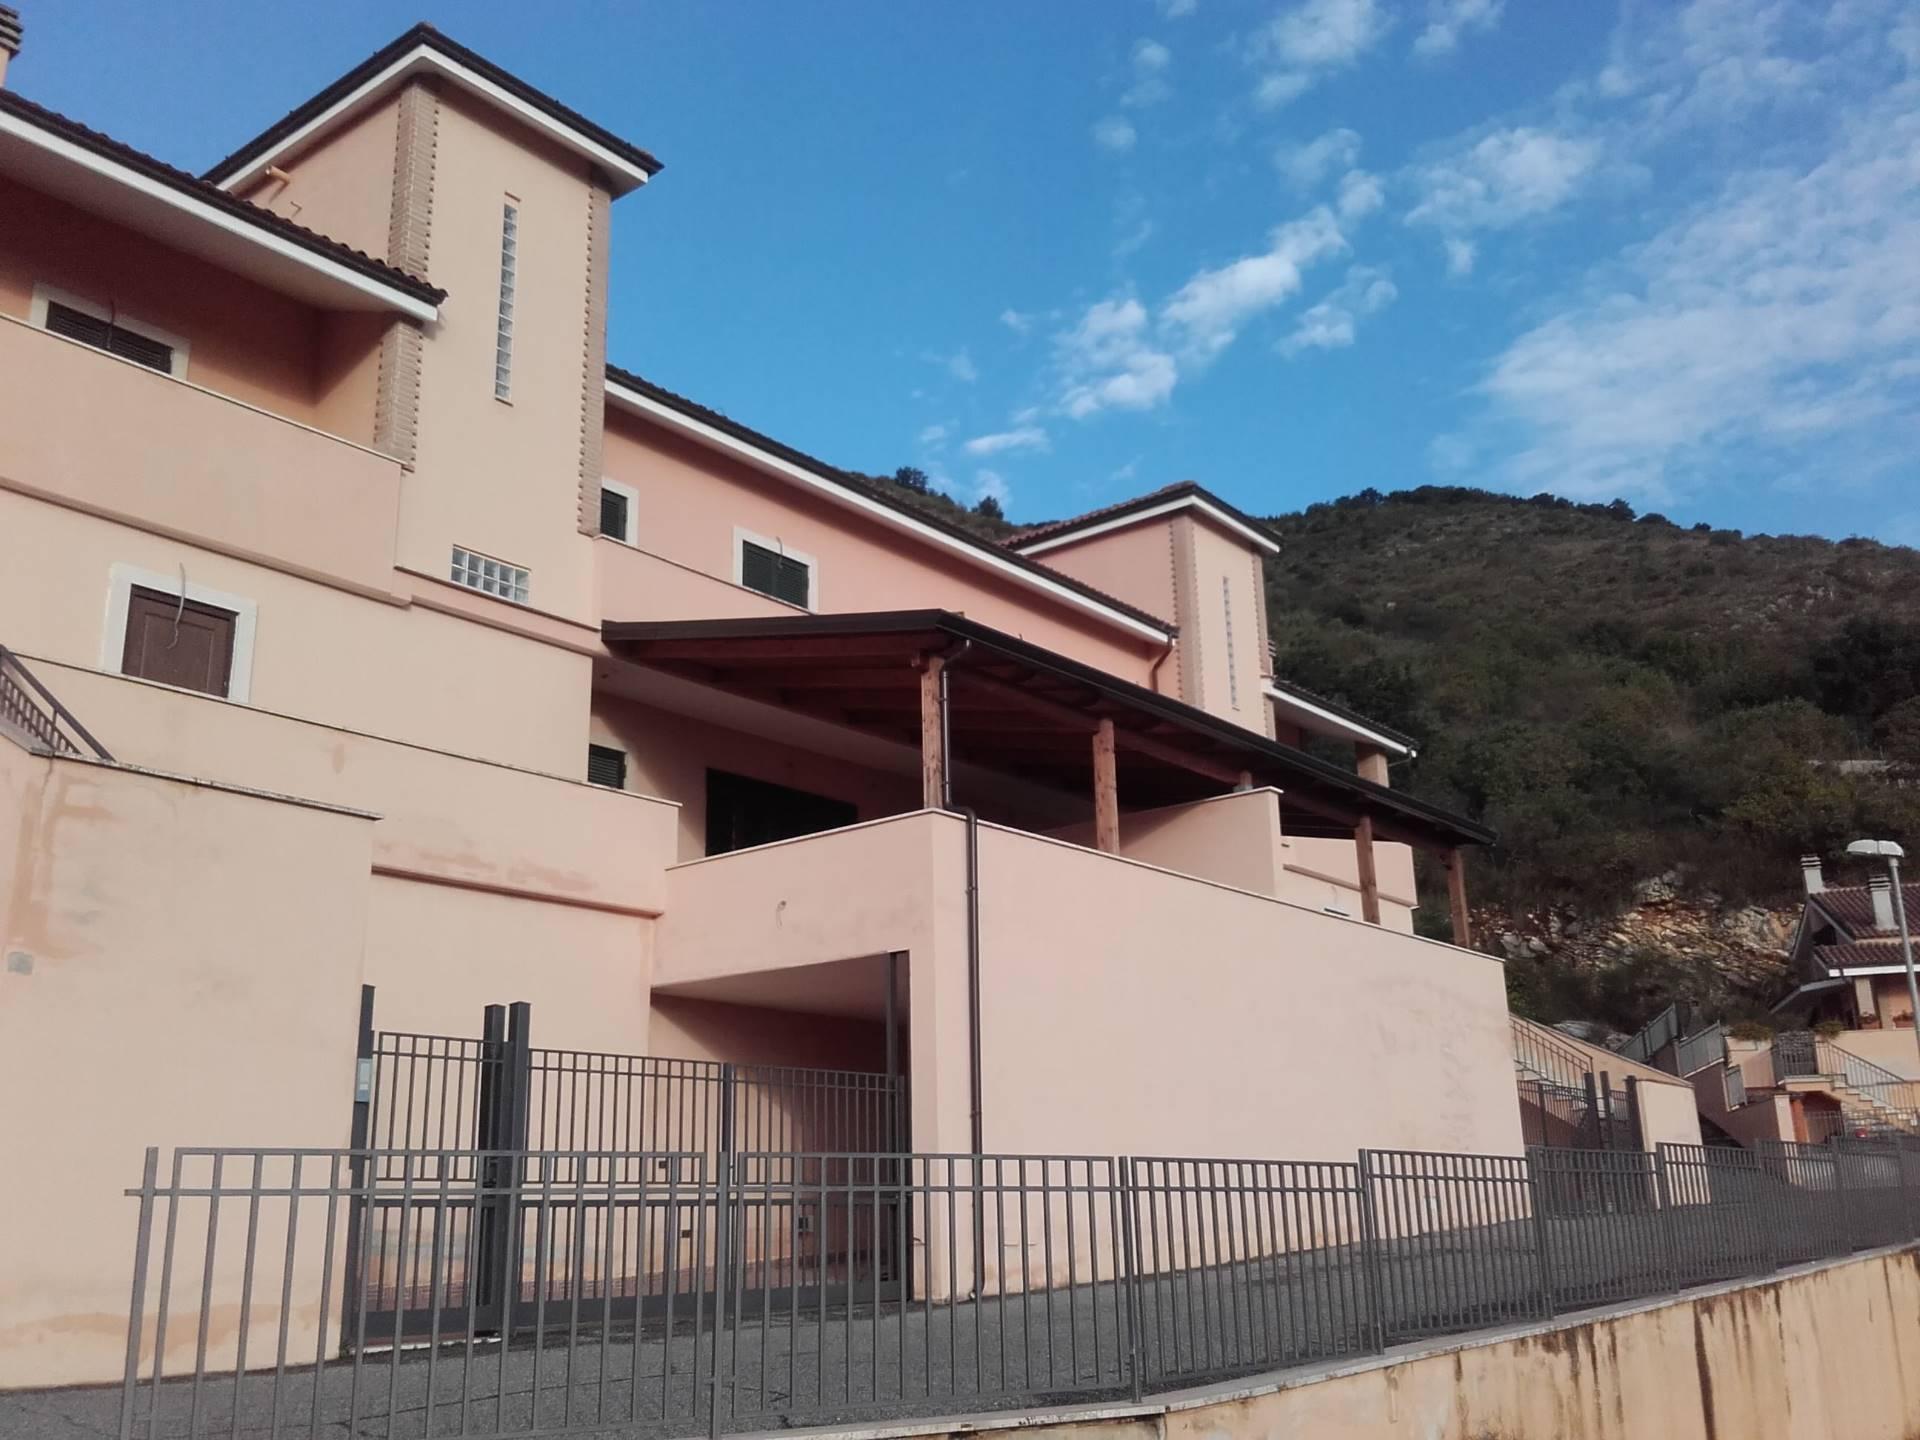 Villa in vendita a Tivoli, 8 locali, prezzo € 288.000   Cambio Casa.it